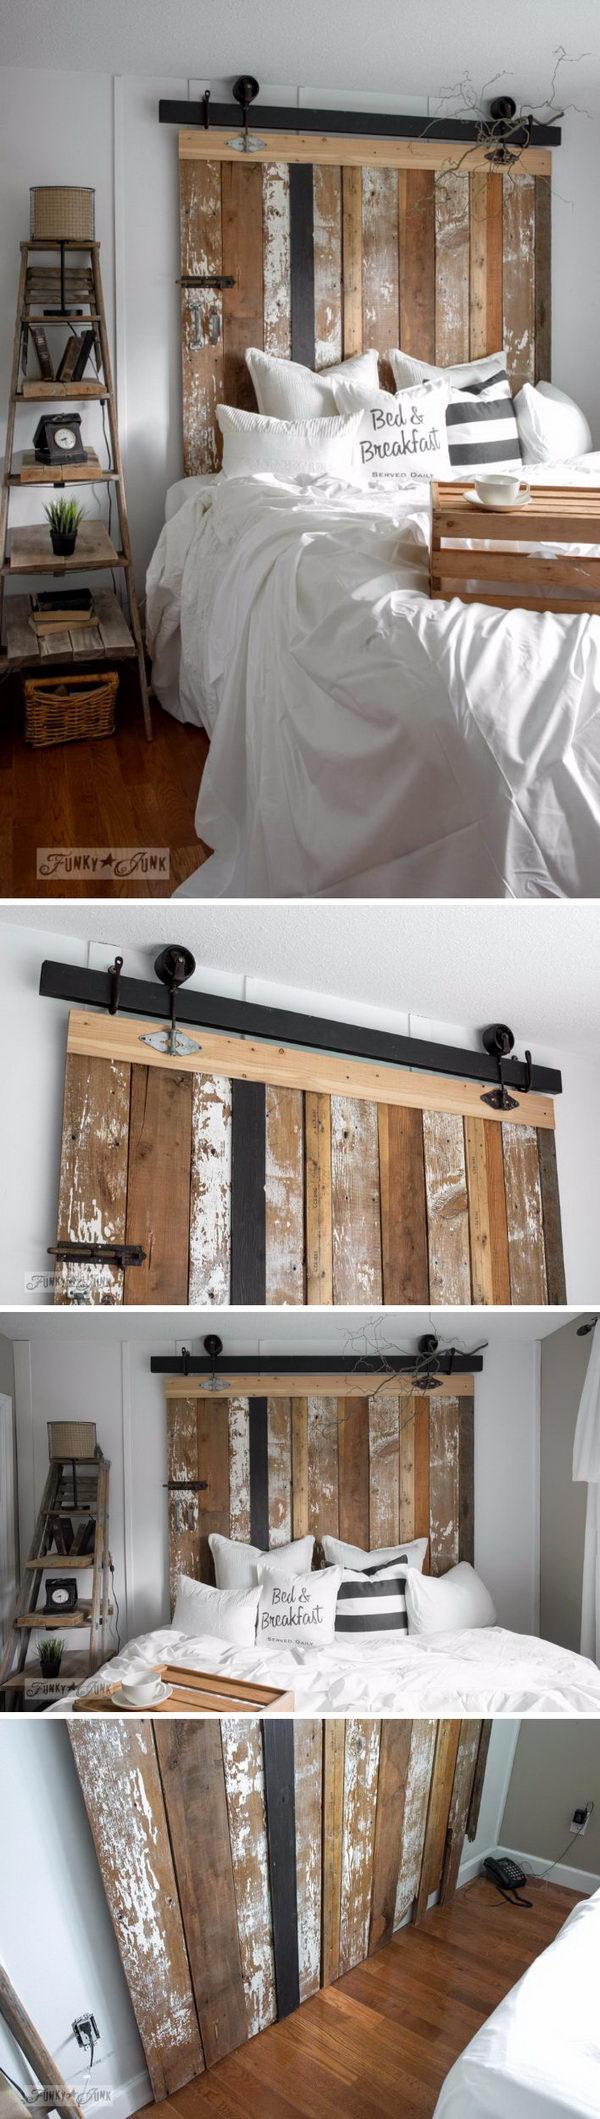 30 rustic wood headboard diy ideas